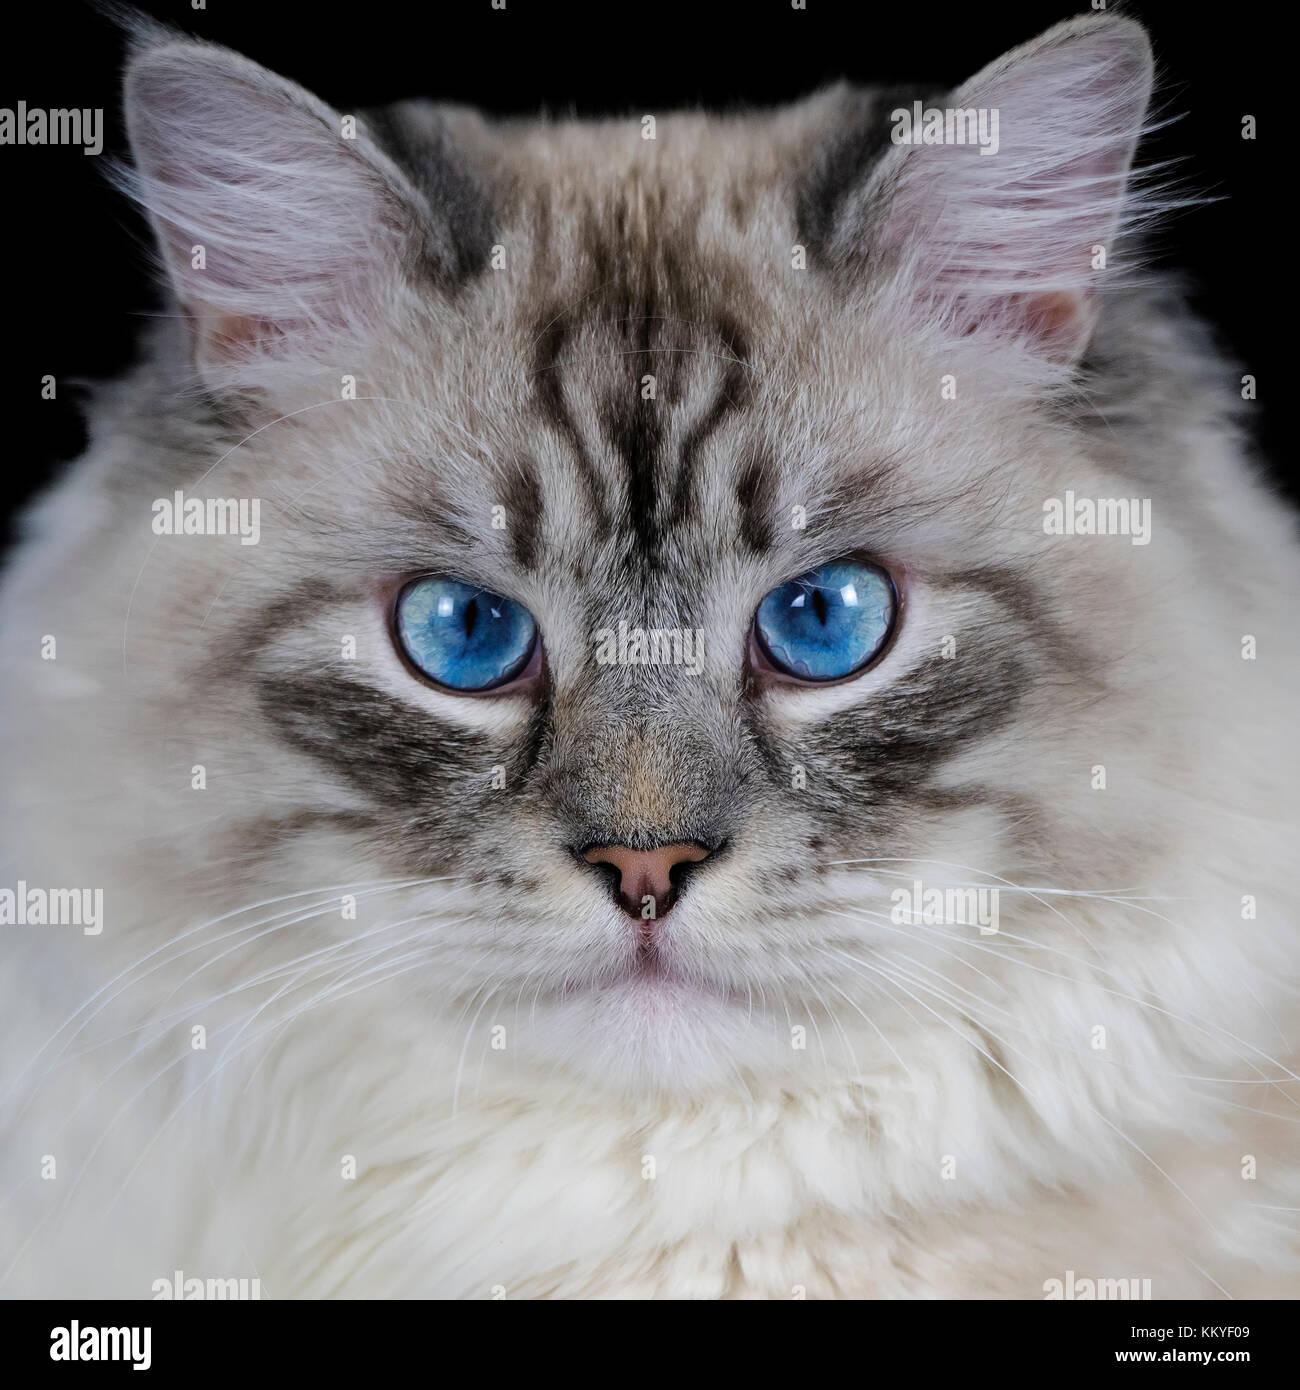 Funny White Fluffy Blue Eyed Cat Isolated On Black Stock Photo Alamy